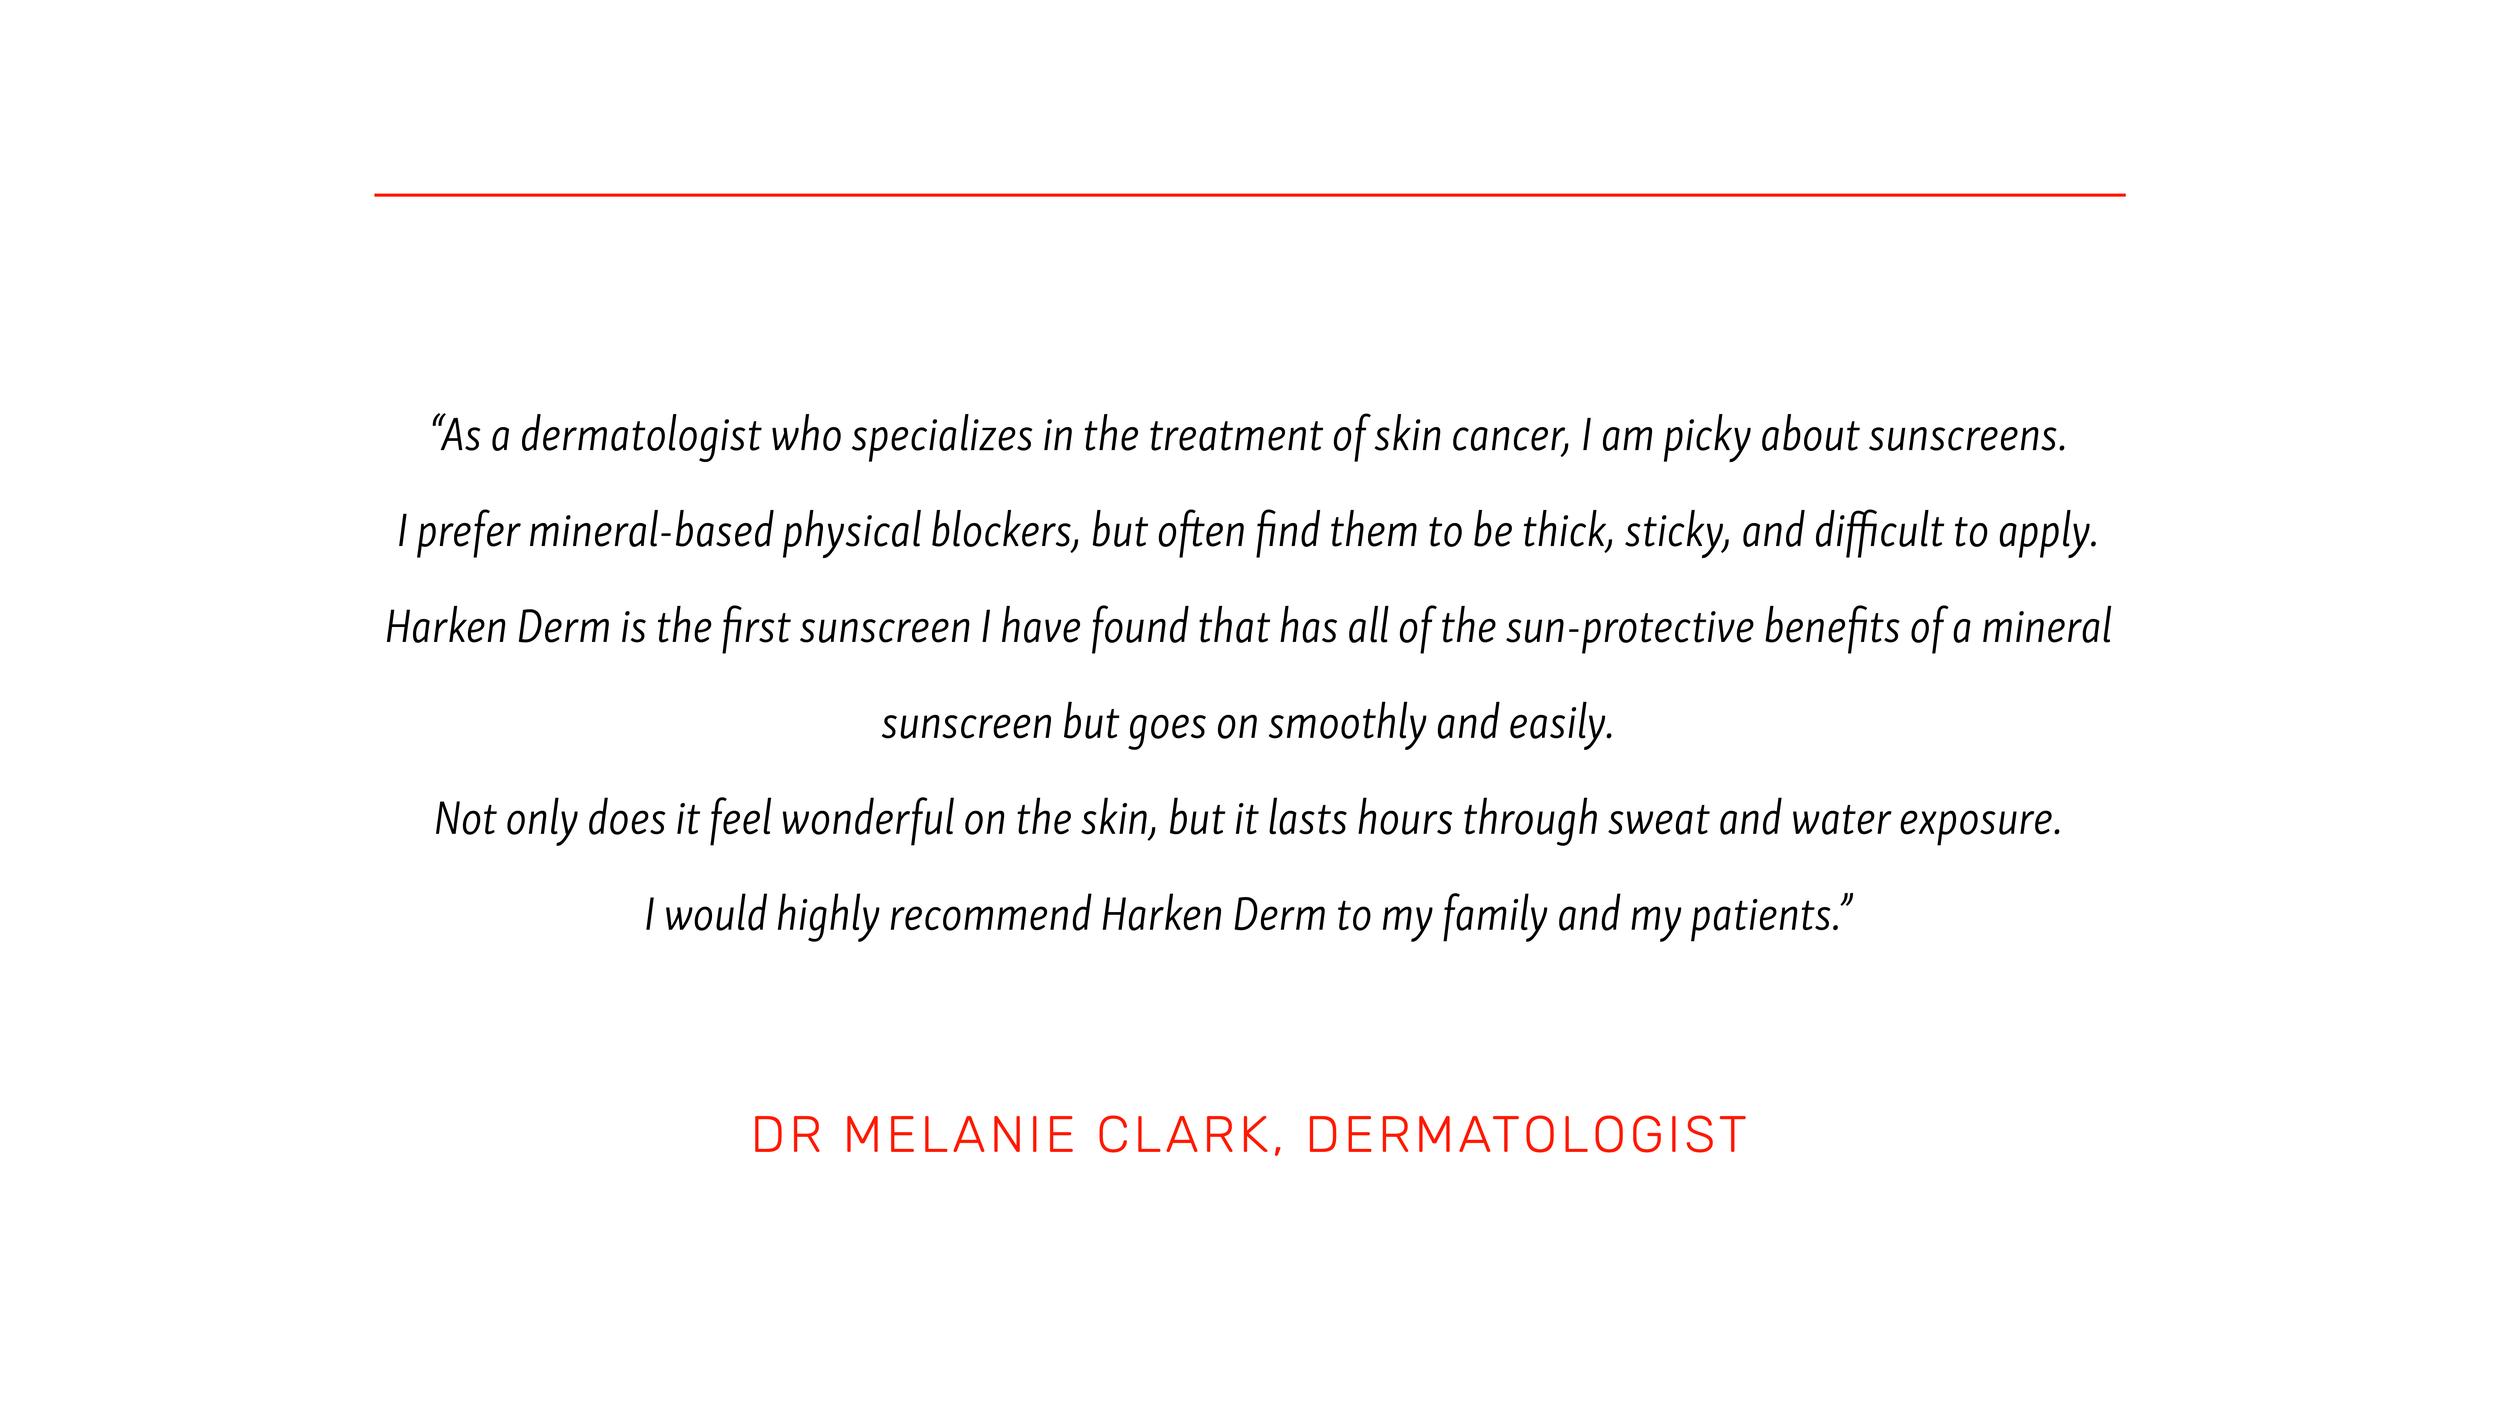 harken-derm-website-testimonial-dr-melanie-clark-dermatologist_MELANIE TESTIMONIAL.png